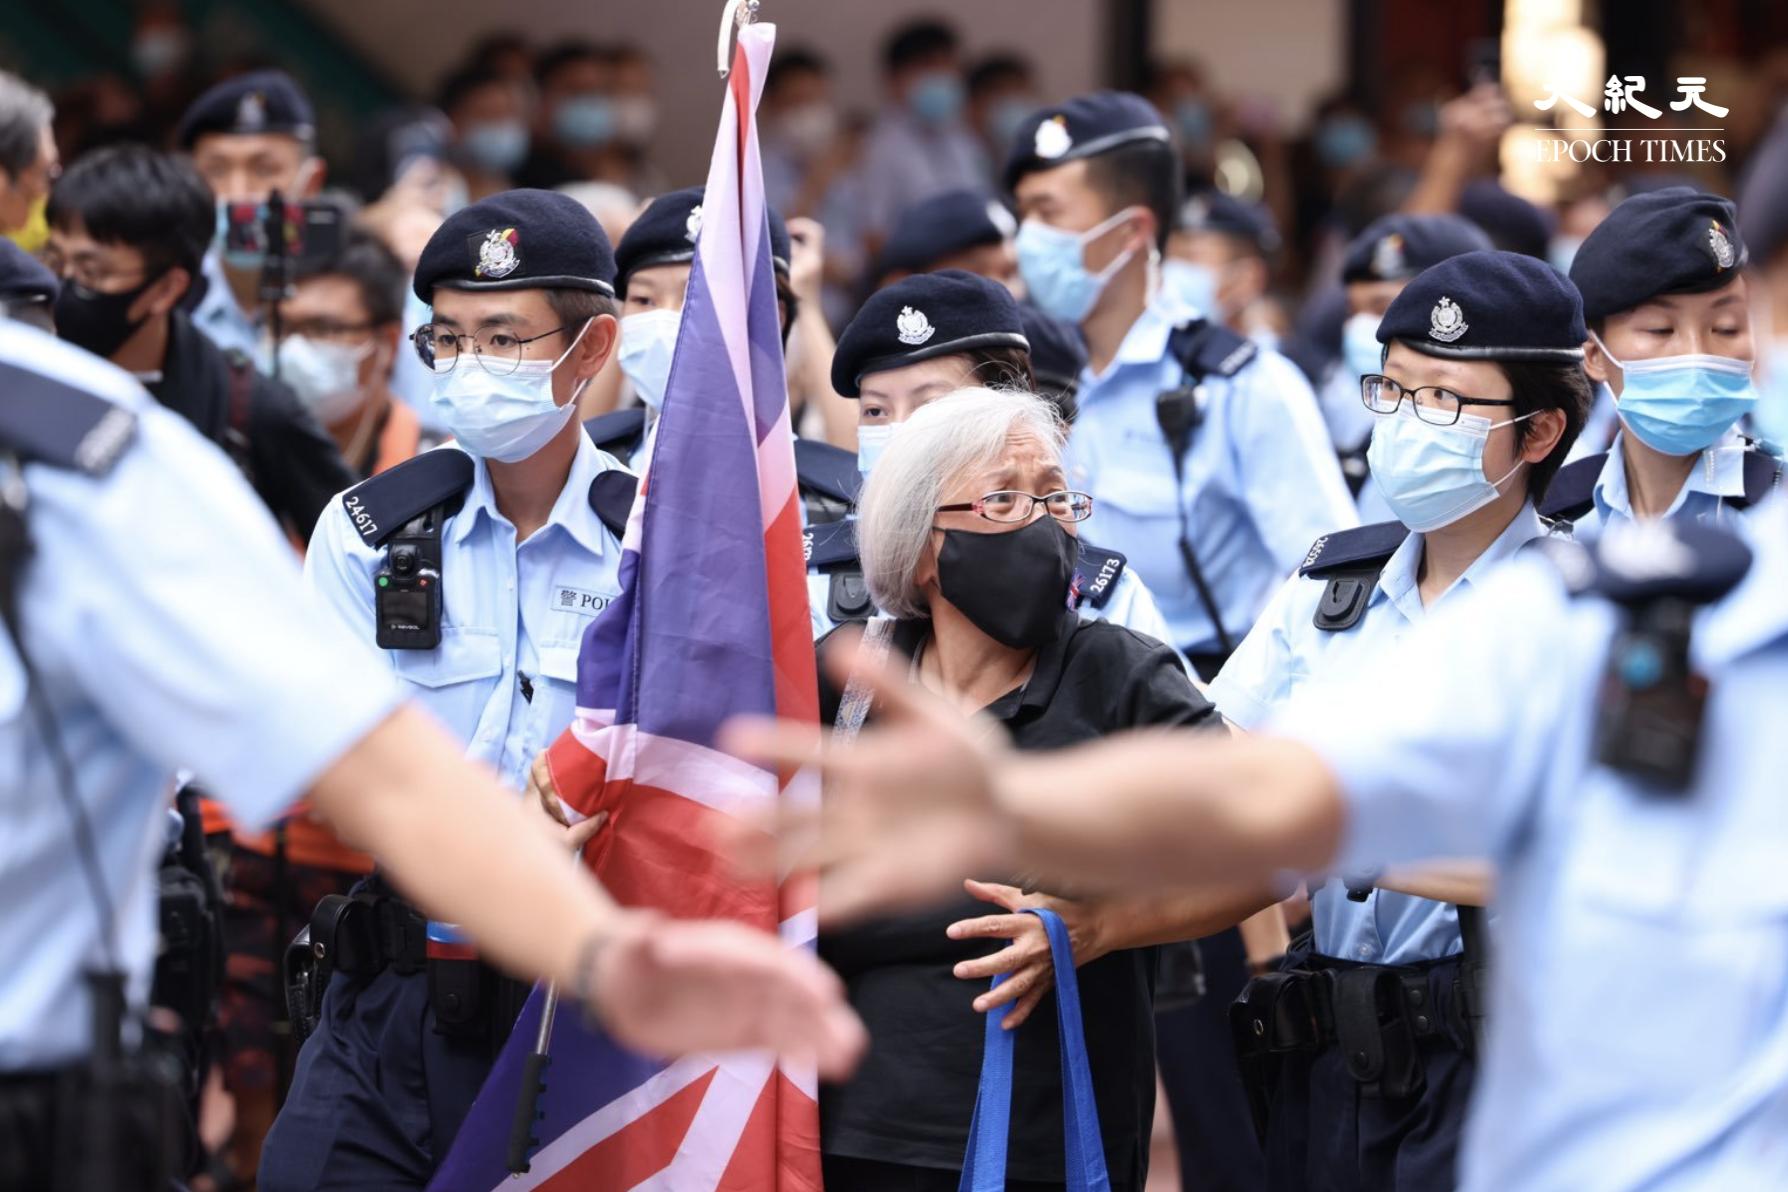 7月1日午後2時40分許,王婆婆手持英國旗幟出現在達百德新街及記利佐治街交界處,之後被數十警員包圍後被帶走。(李辰/大紀元)